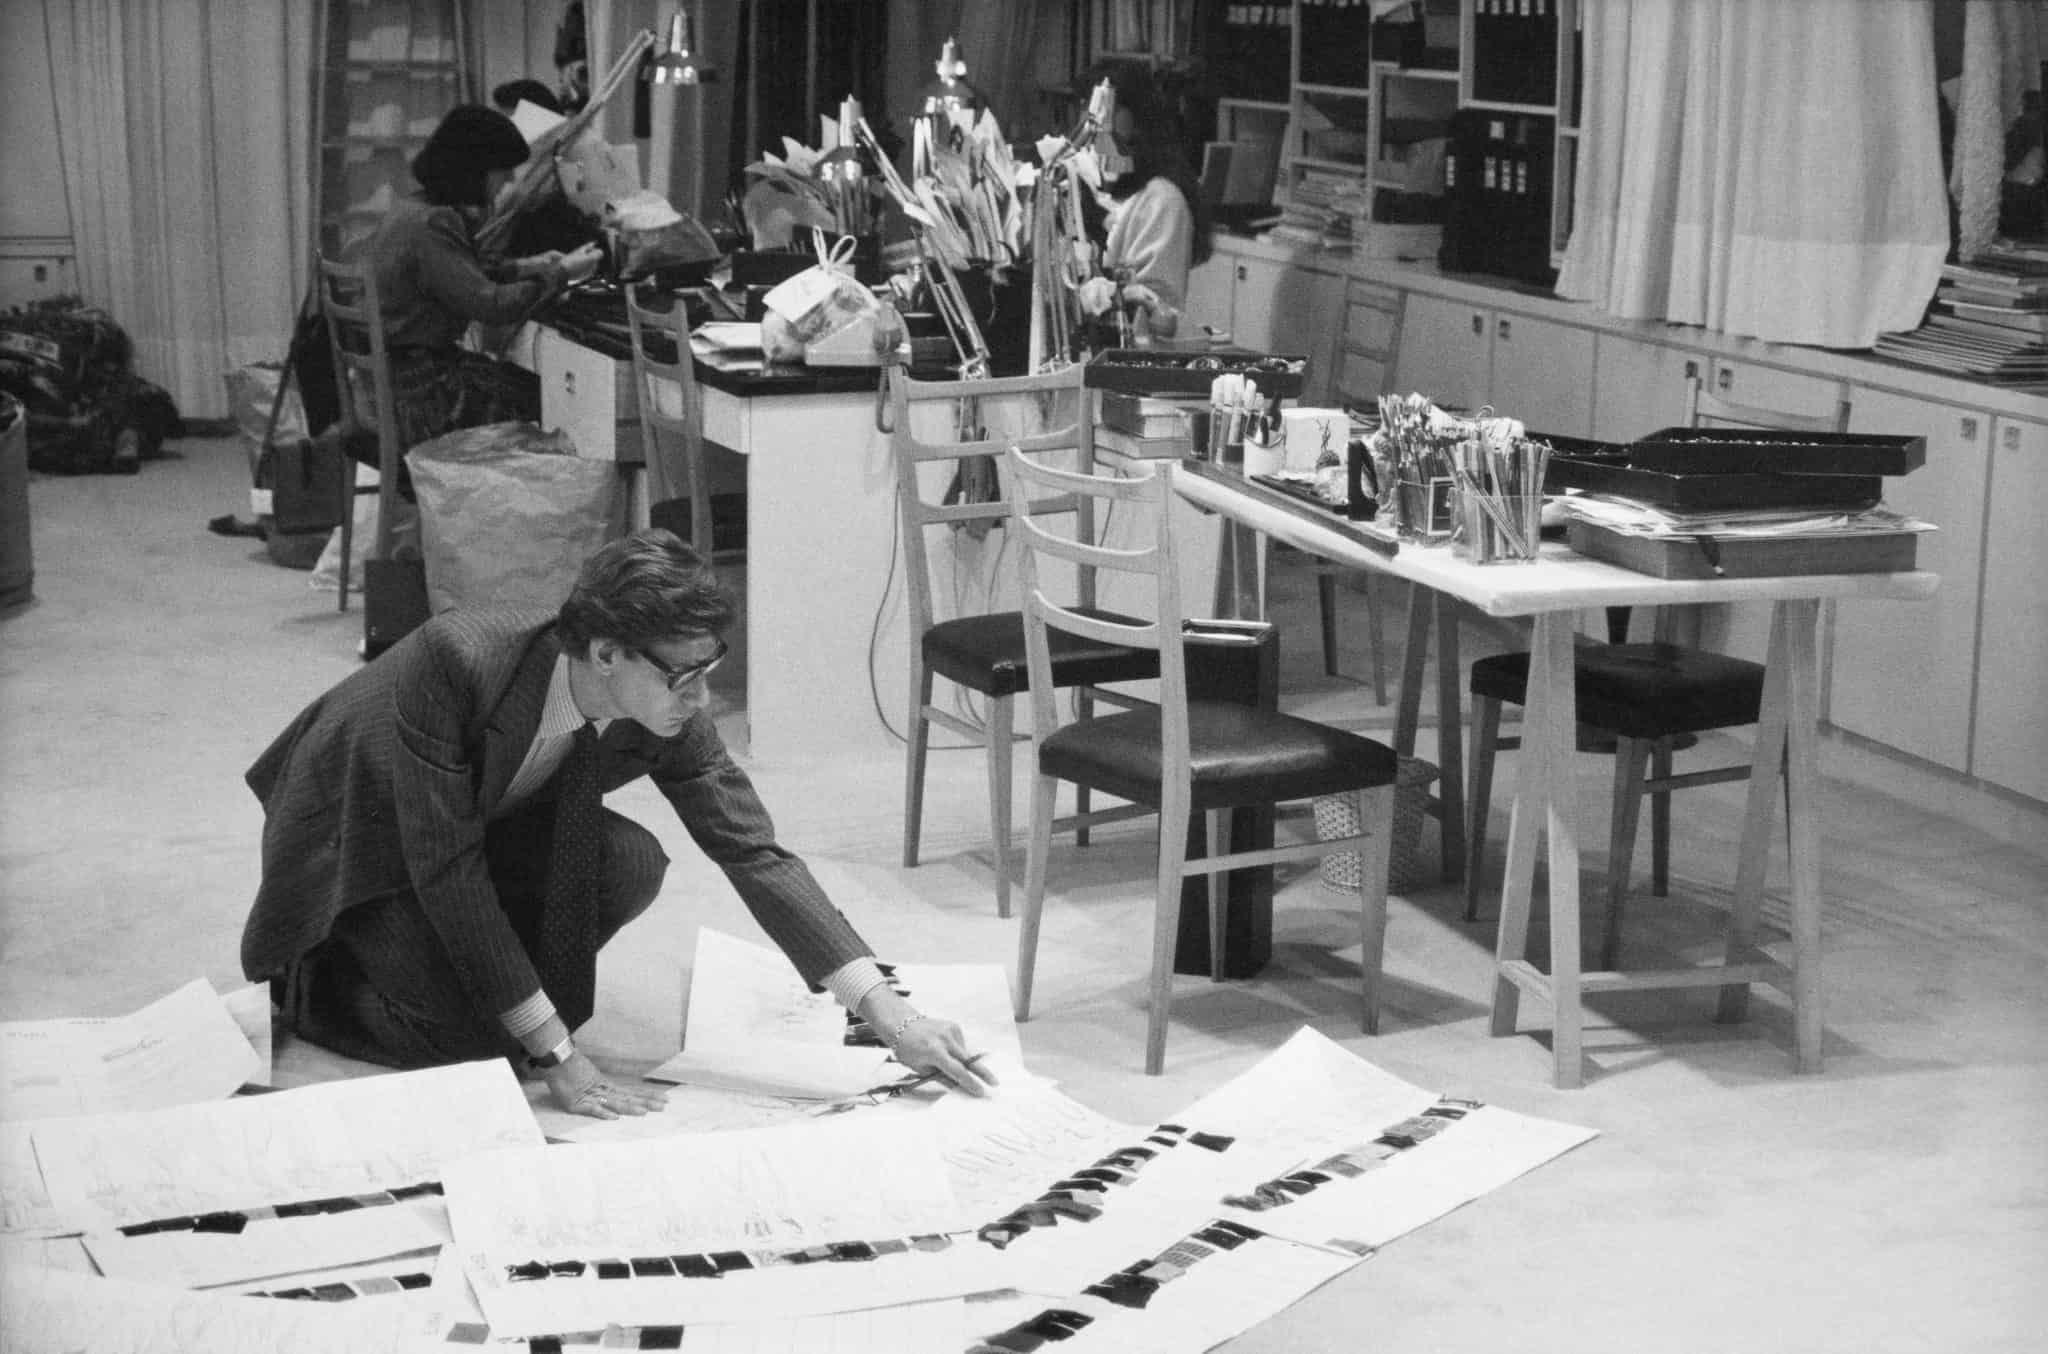 Yves Saint Laurent travaillant dans son studio parisien